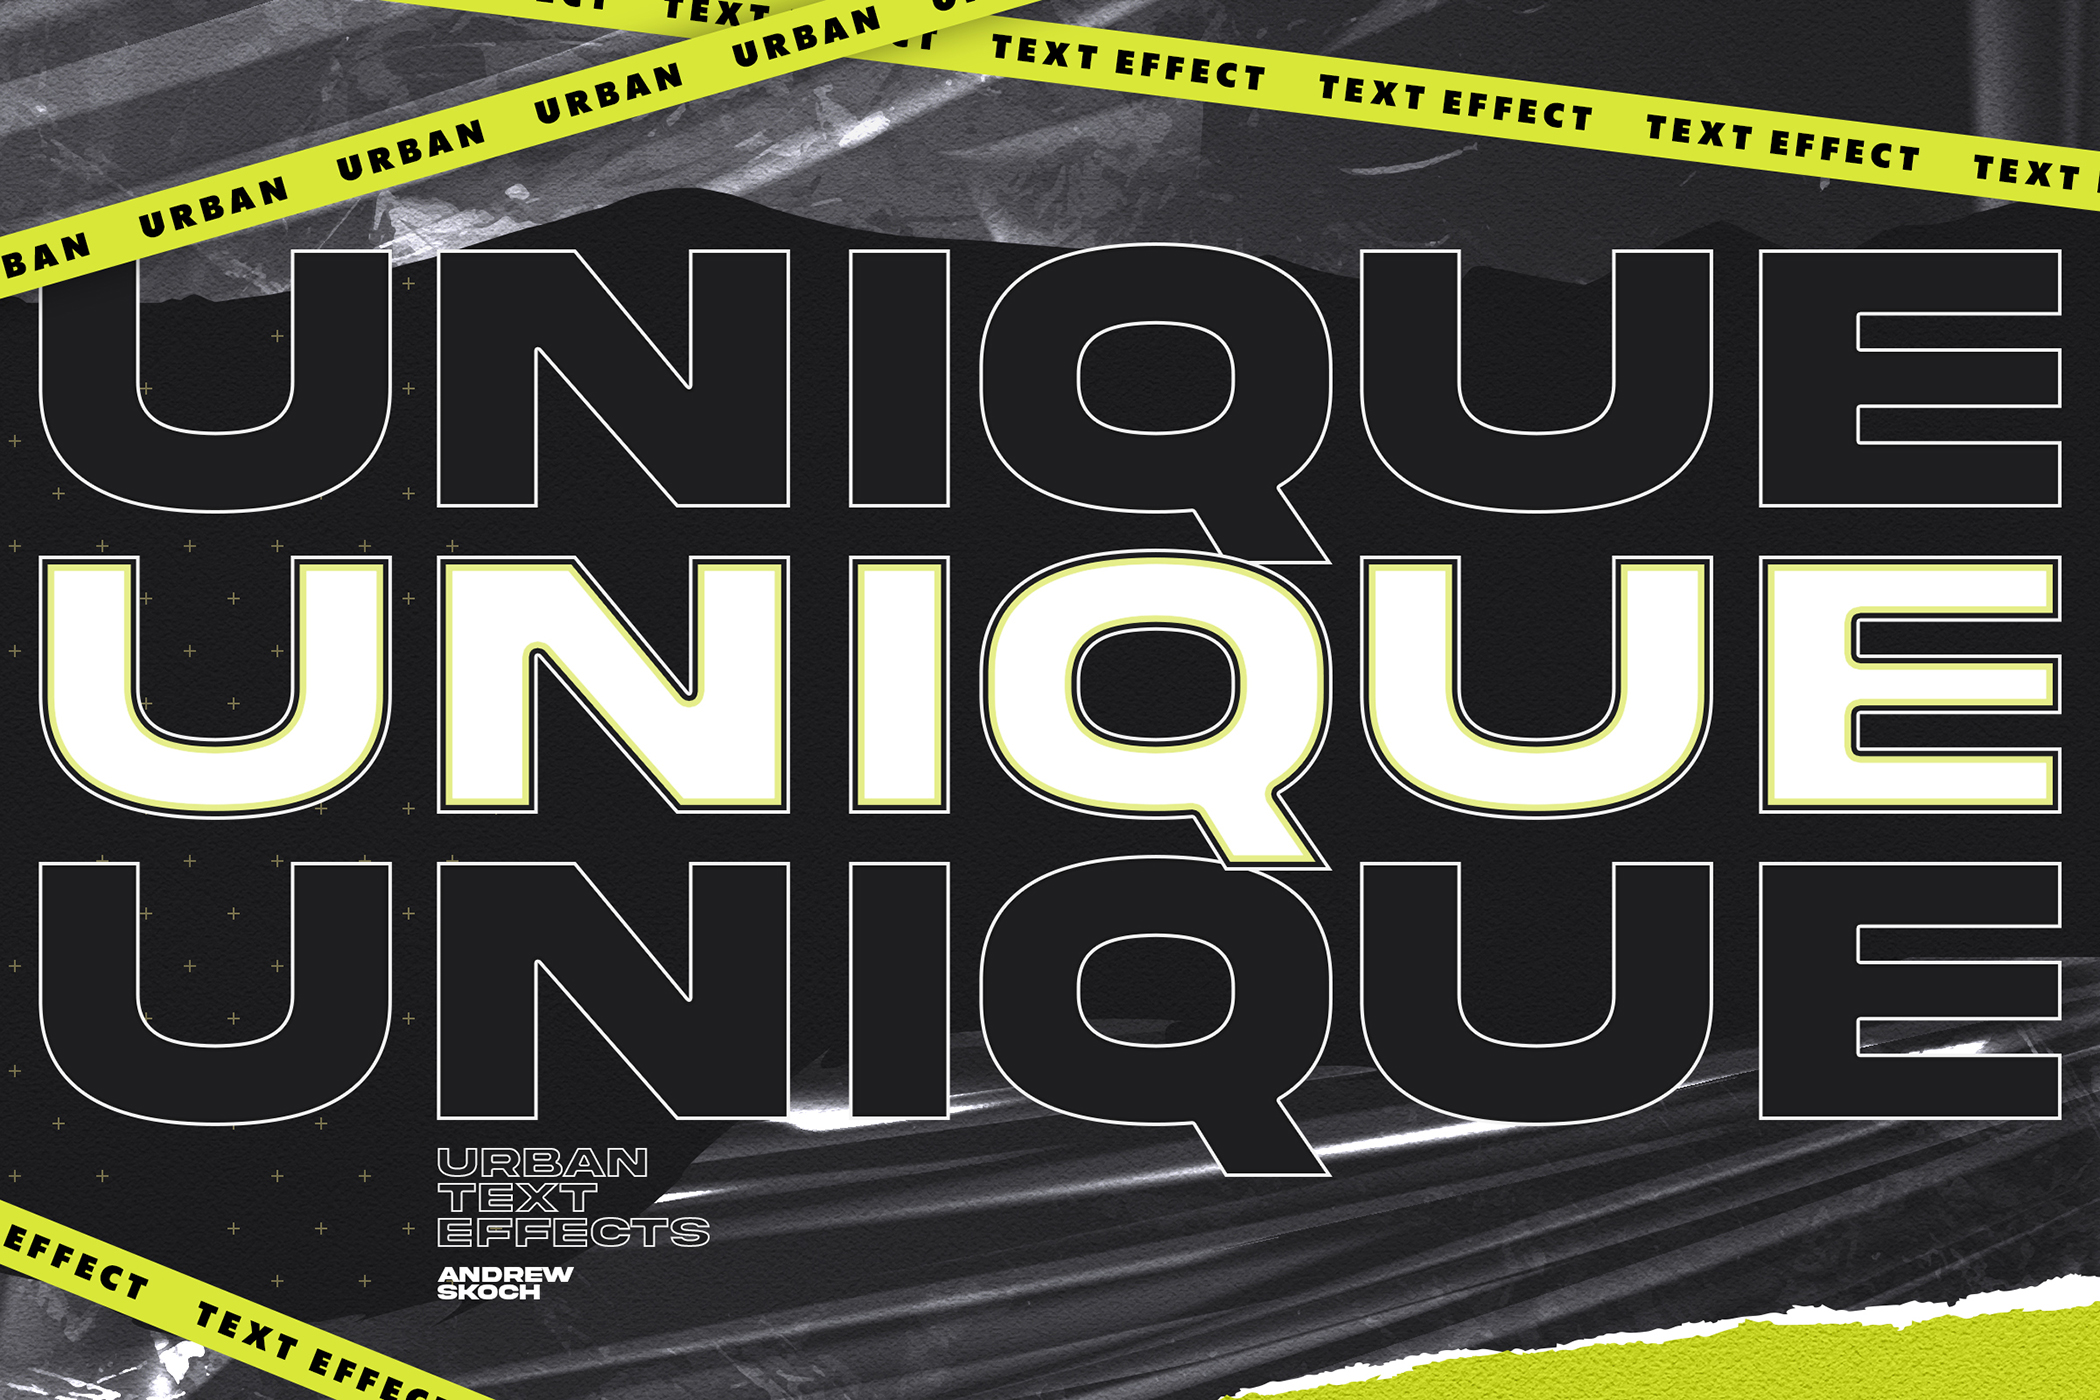 潮流城市风海报标题徽标Logo设计PS样式模板素材 Urban Text Effects插图2